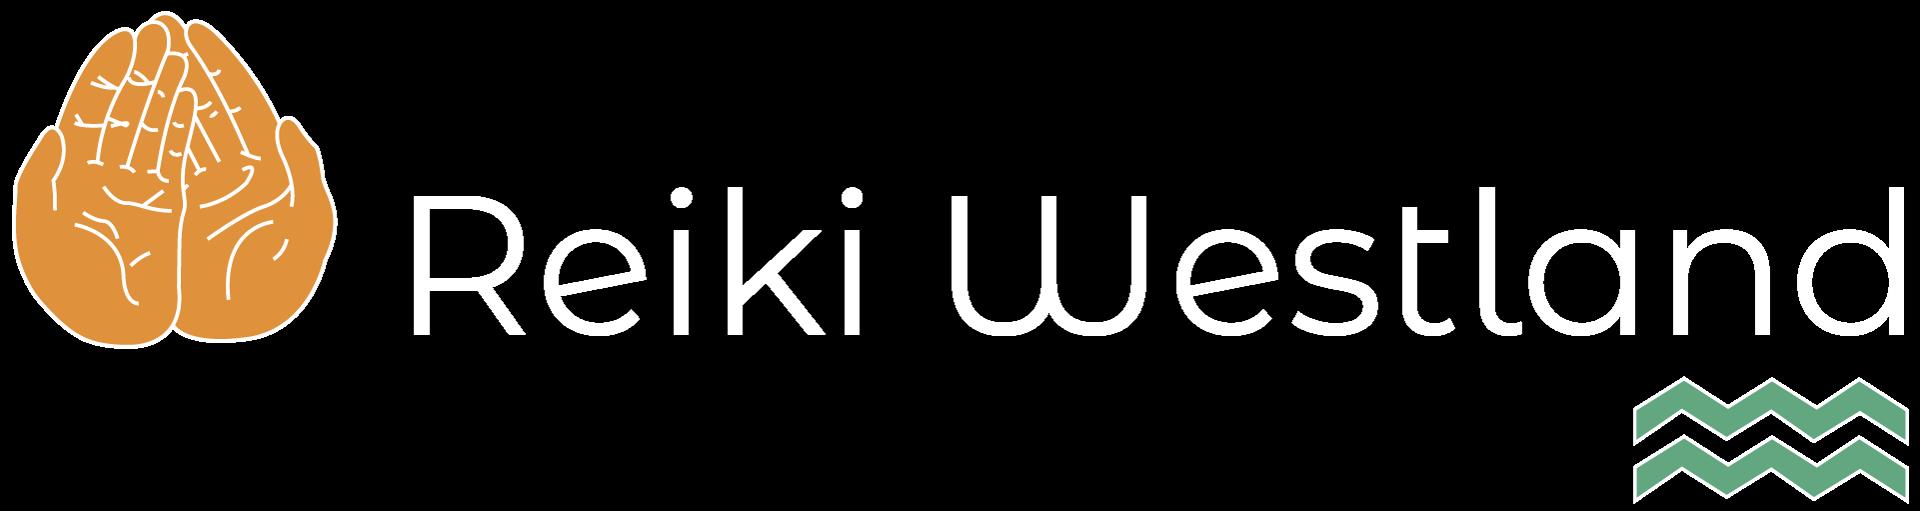 Reiki Westland Logo